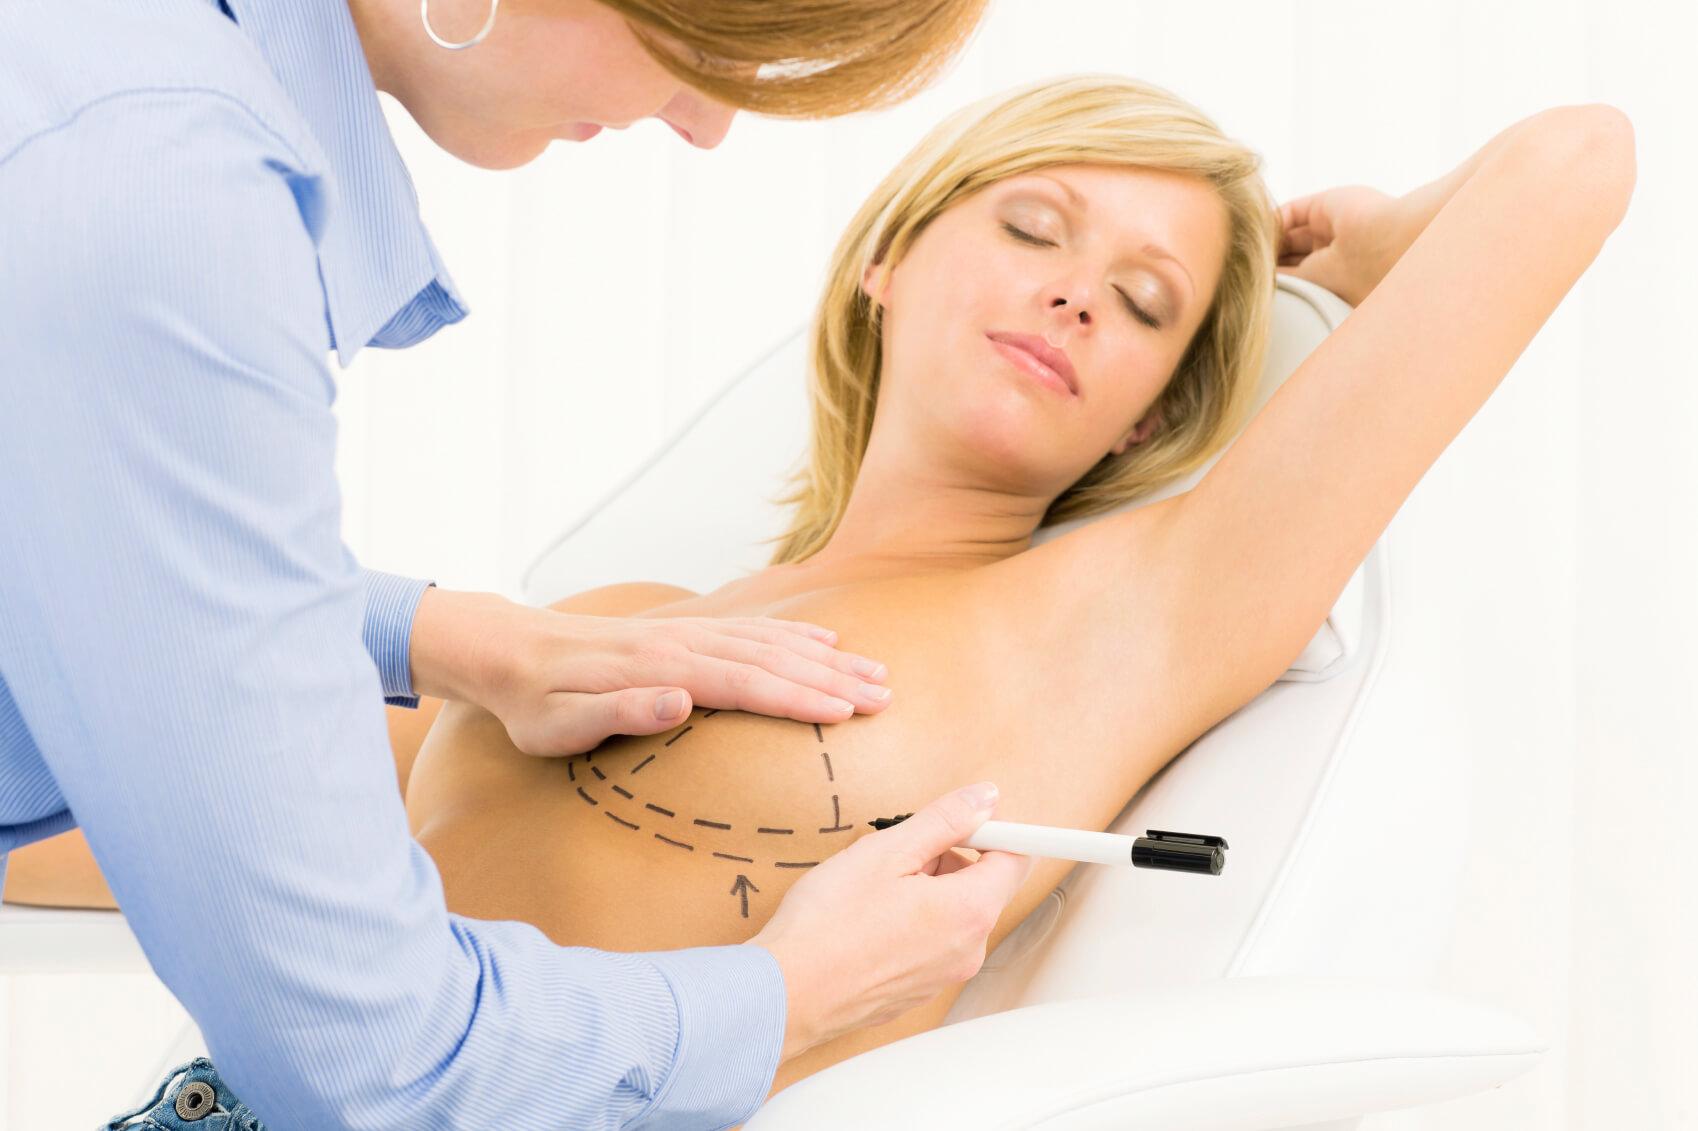 nâng ngực nội soi 60' nâng ngực nội soi để sở hữu vòng 1 hoàn hảo